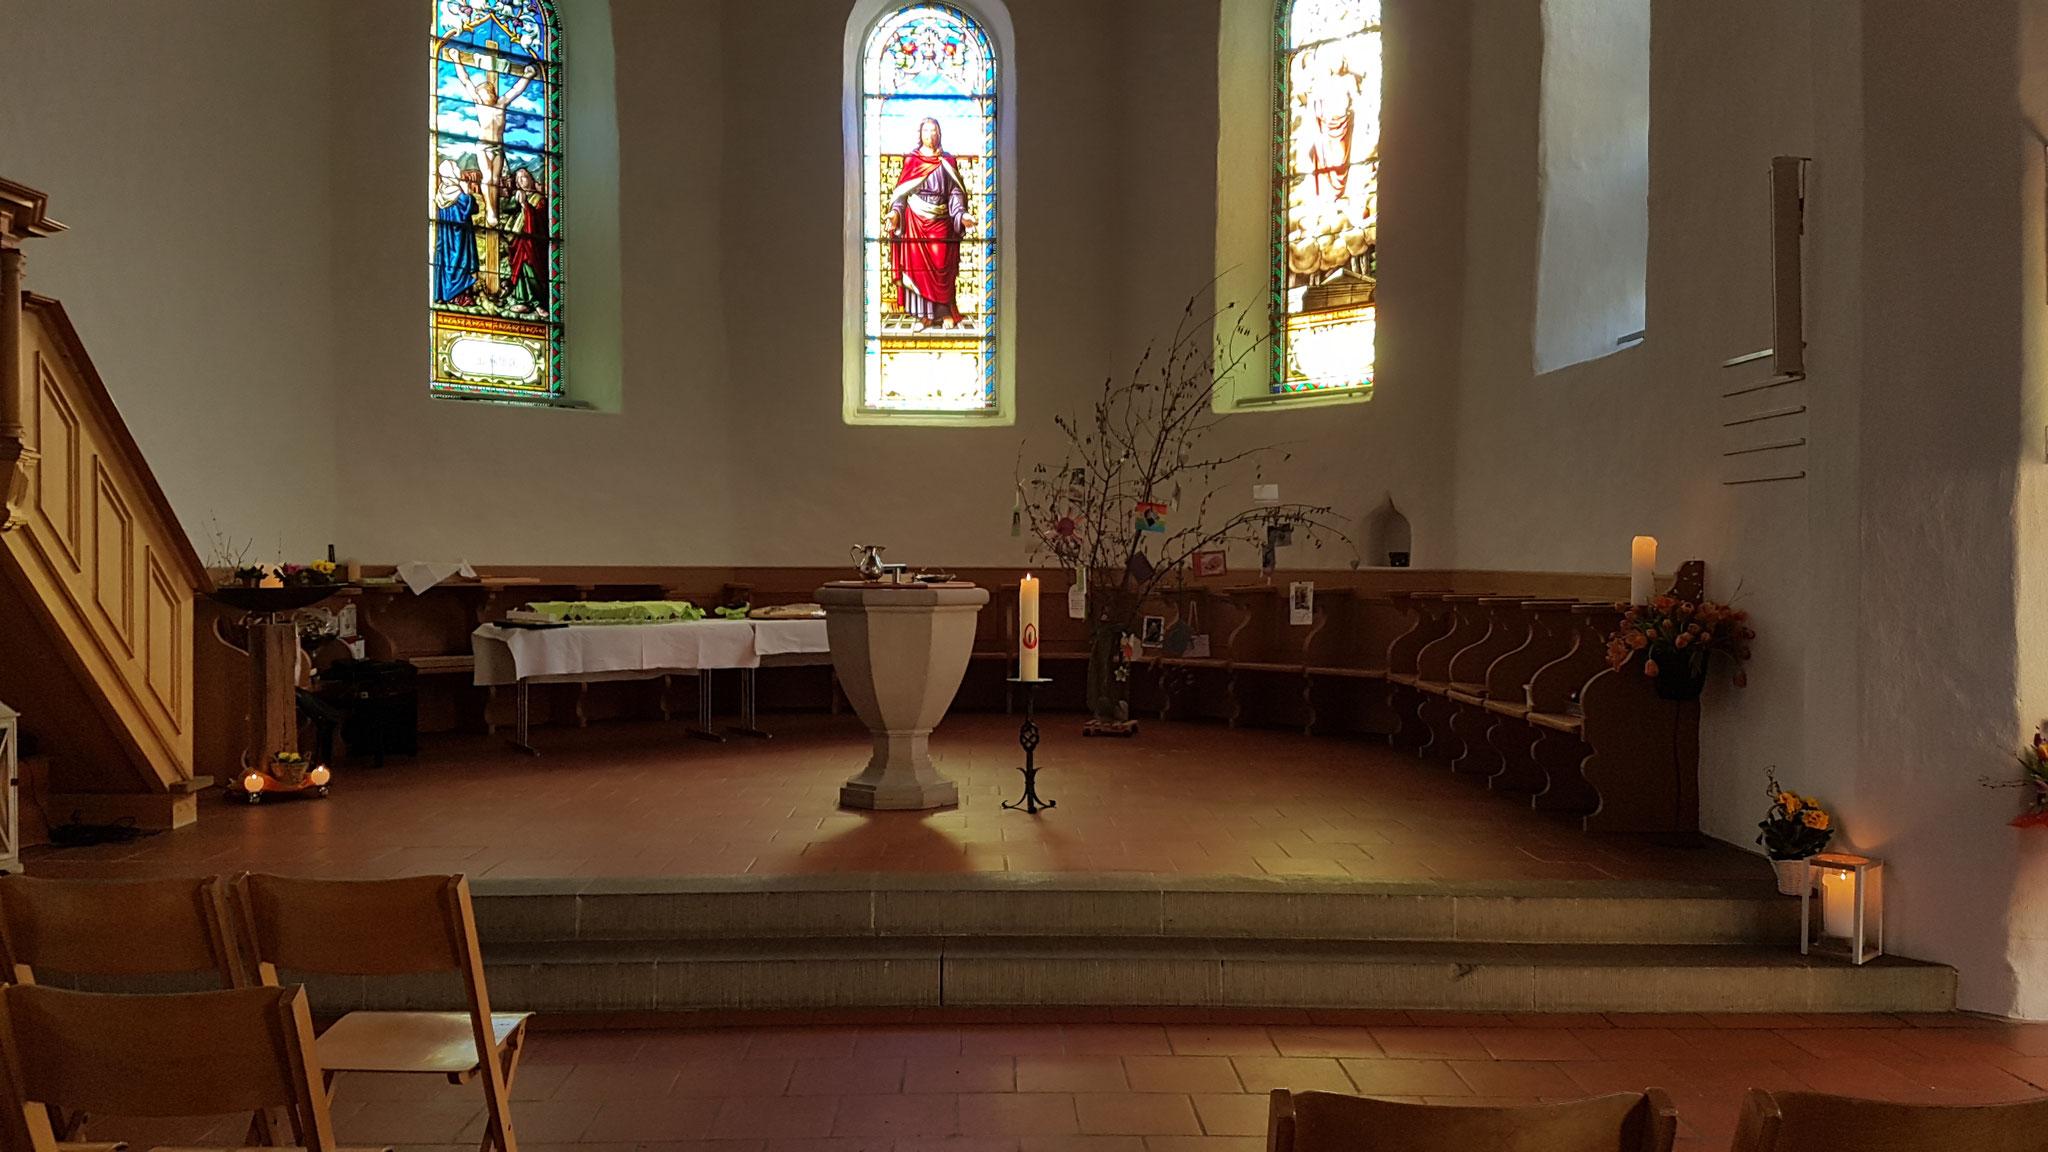 Der Sing-Gottesdienst vom 17. März 2019: Die Kirche ist hergerichtet.